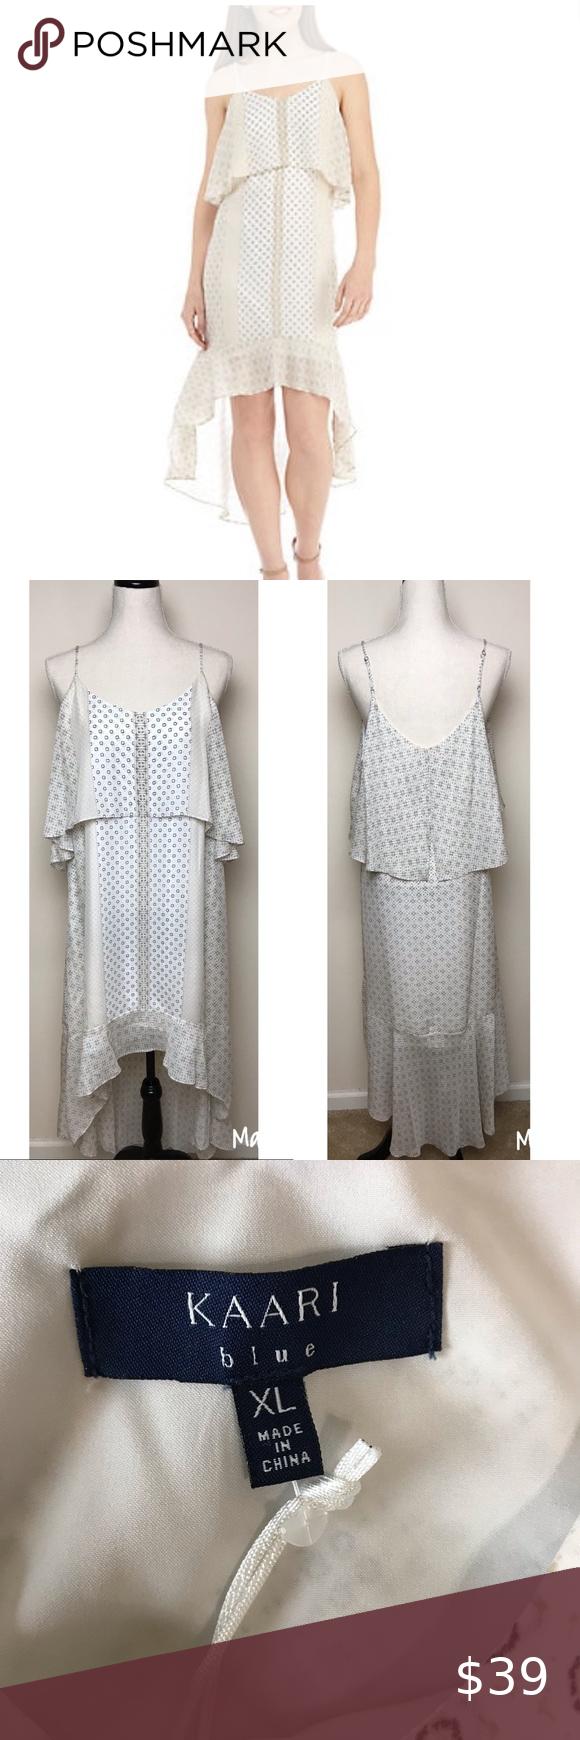 Nwt Kaari Blue High Low Stone La Dolce Vita Dress Pink Work Dresses Dress Size Chart Women Pinstripe Dress [ 1740 x 580 Pixel ]